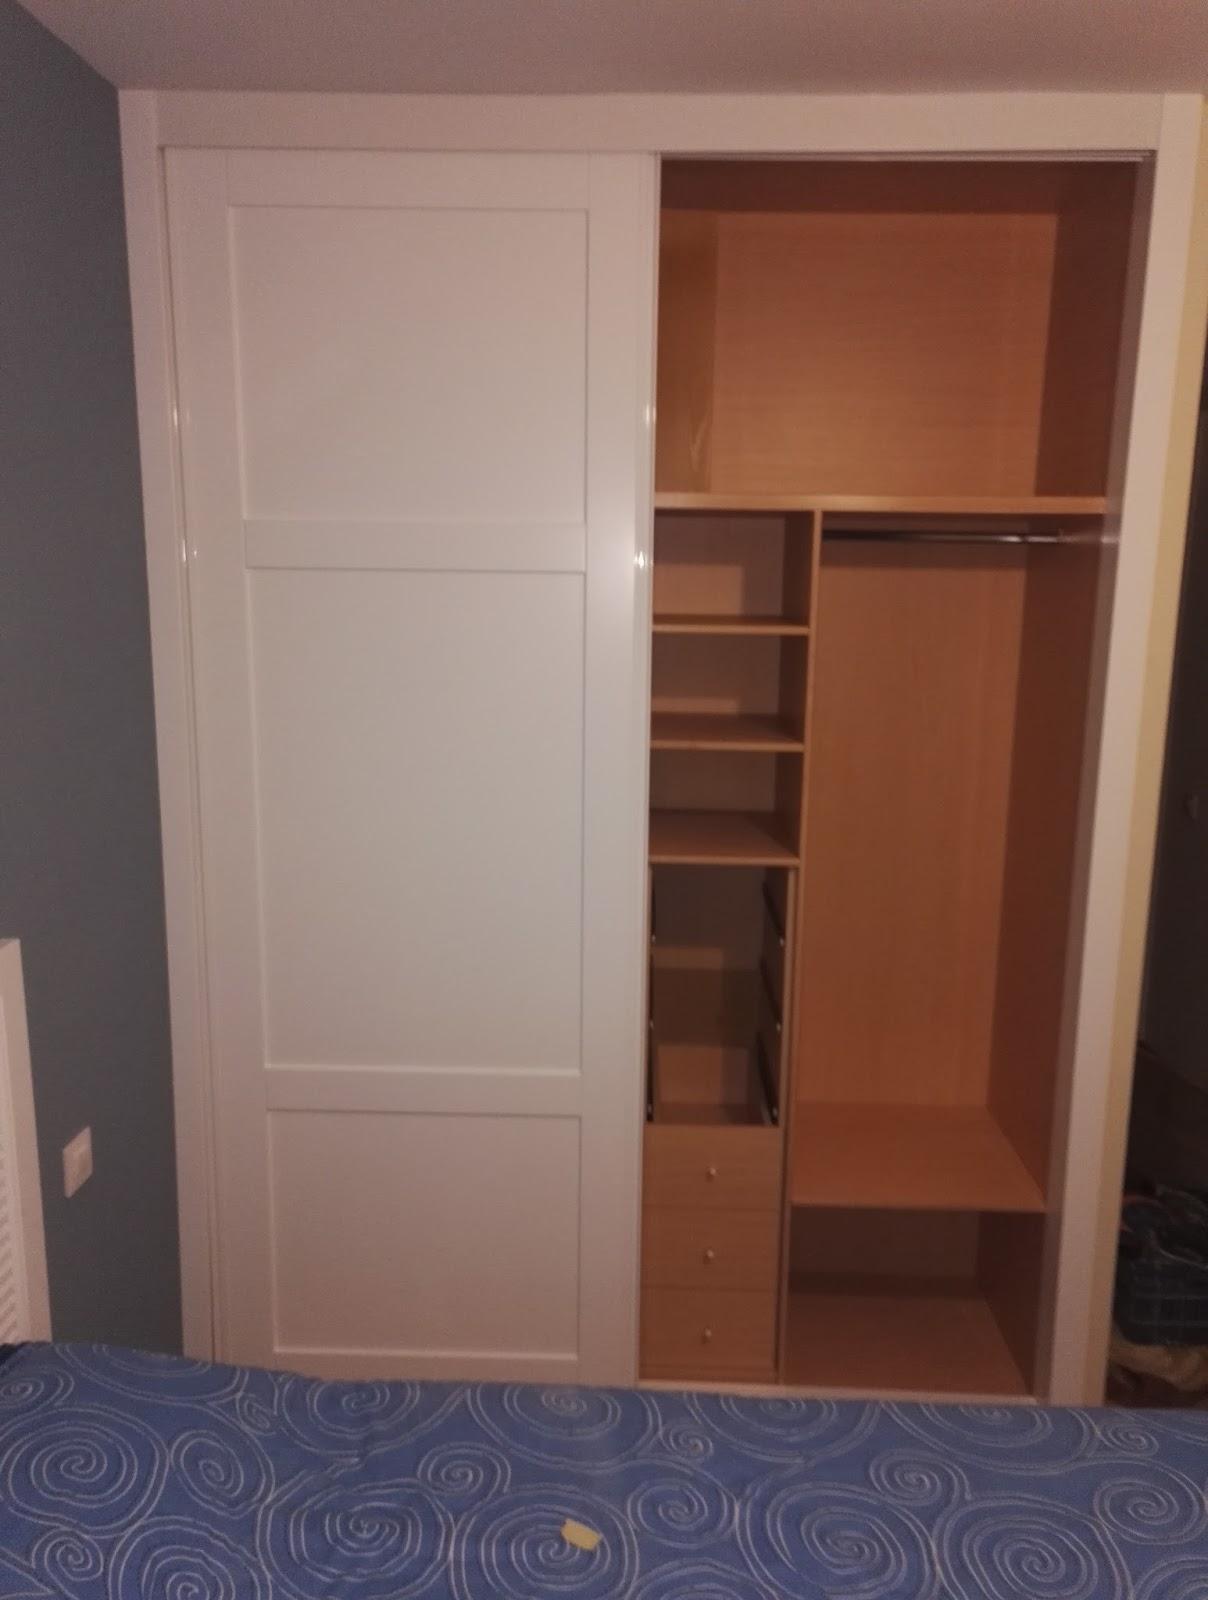 Muebles a medida armario con puertas corredera lacado en - Muebles con puertas correderas ...